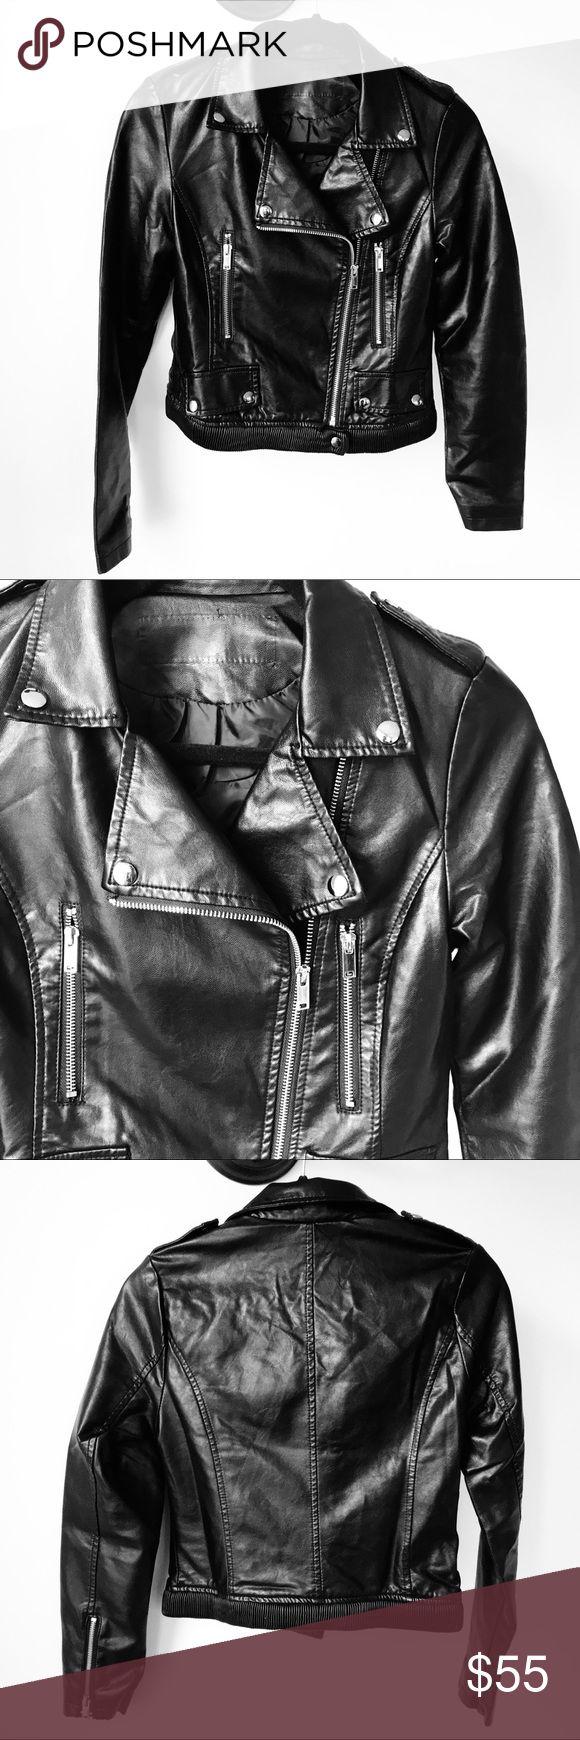 """New Black Faux Leather Moto Jacket New Black Faux Leather Moto Jacket. Length: 19"""" / Bust 33"""" / Sleeve: 23"""". No trades Jackets & Coats Utility Jackets"""